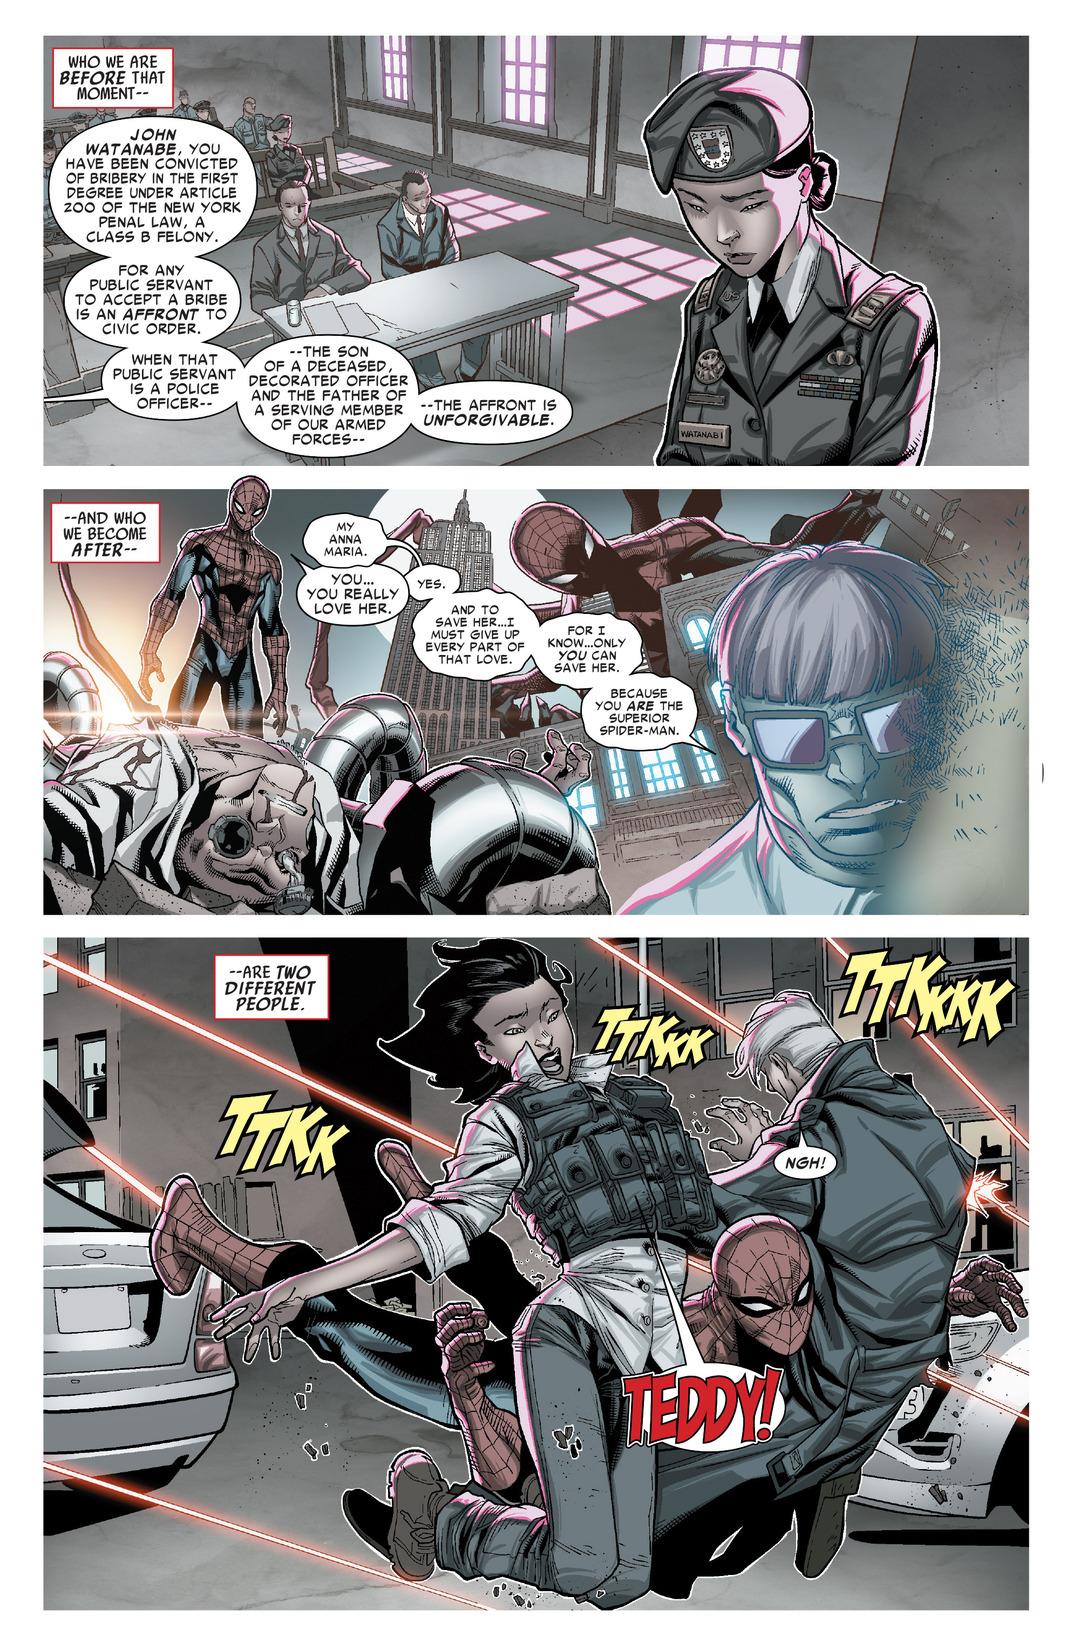 AmazingSpider-Man#19.1--p2